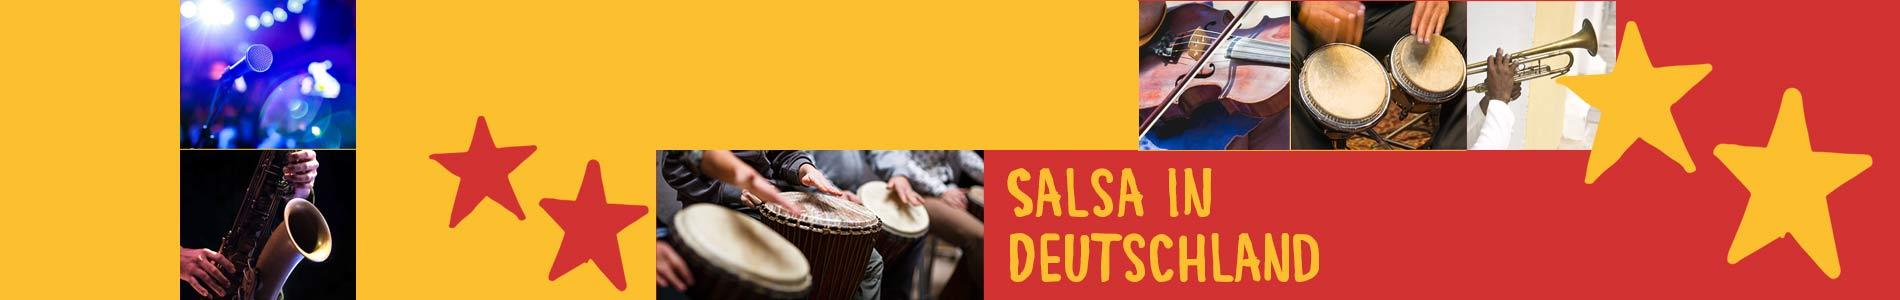 Salsa in Braubach – Salsa lernen und tanzen, Tanzkurse, Partys, Veranstaltungen